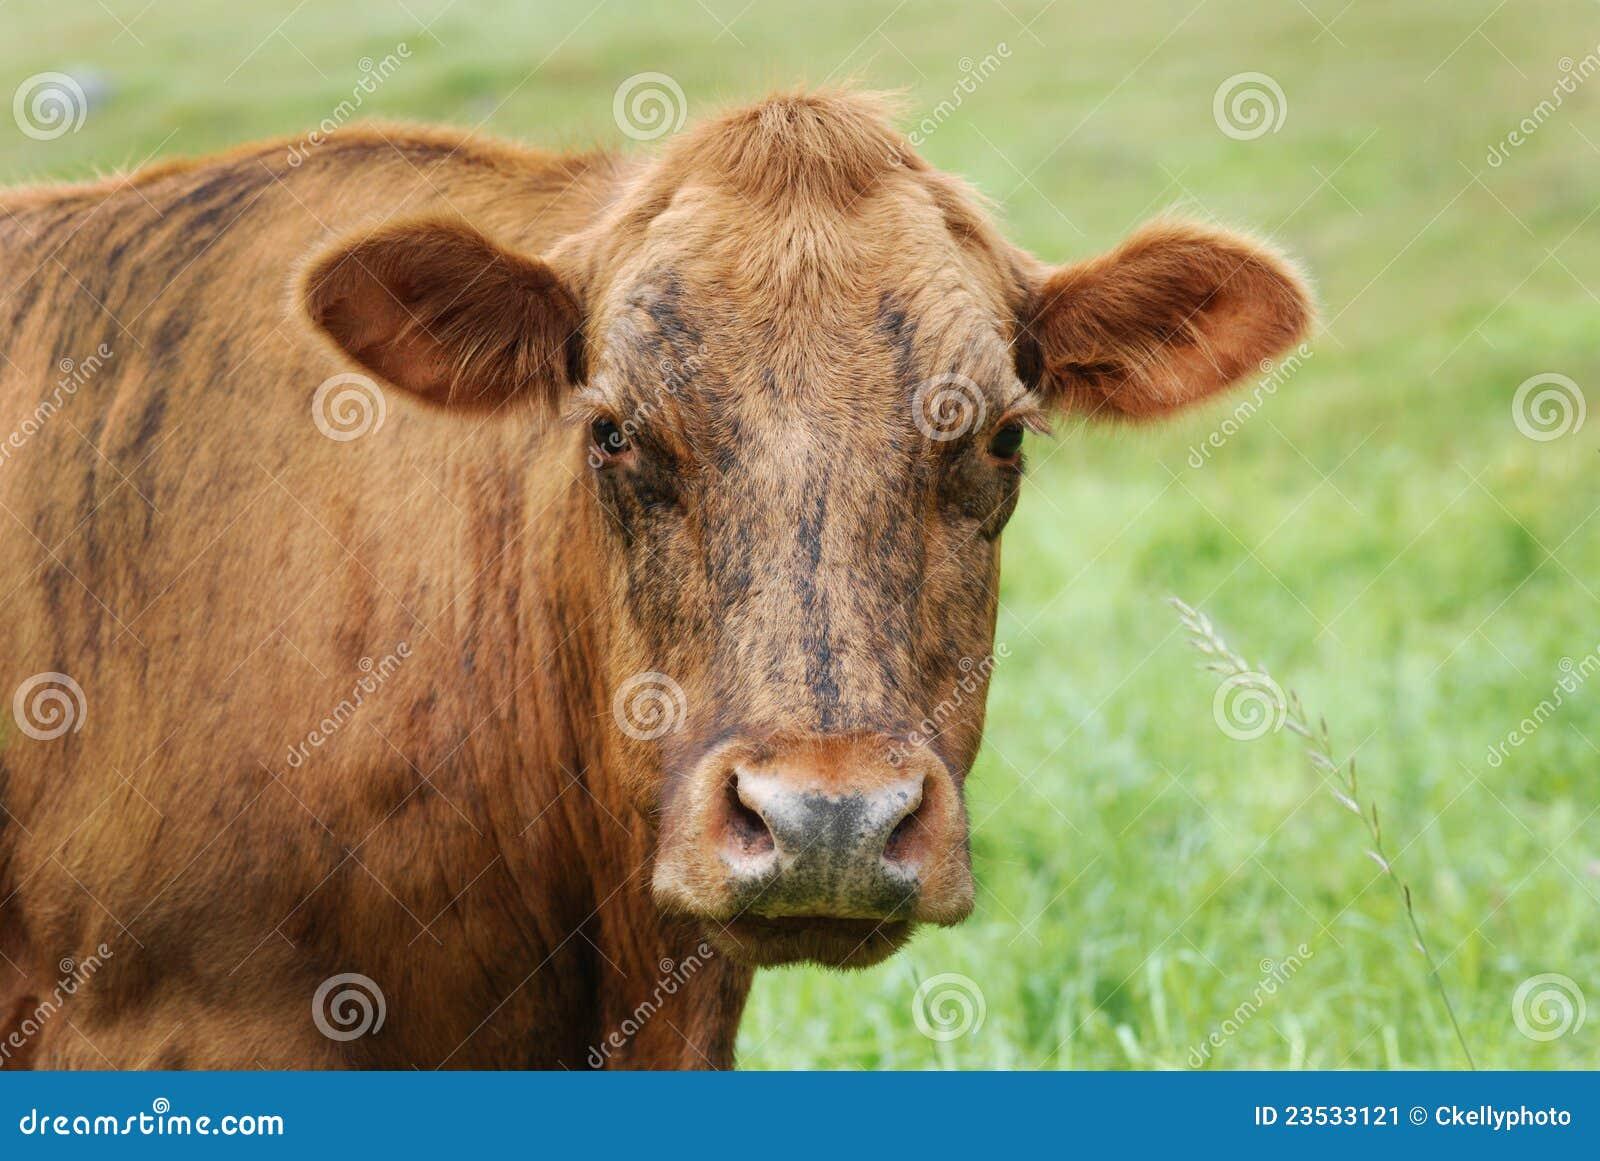 Vaca brindle-colorida fêmea no campo